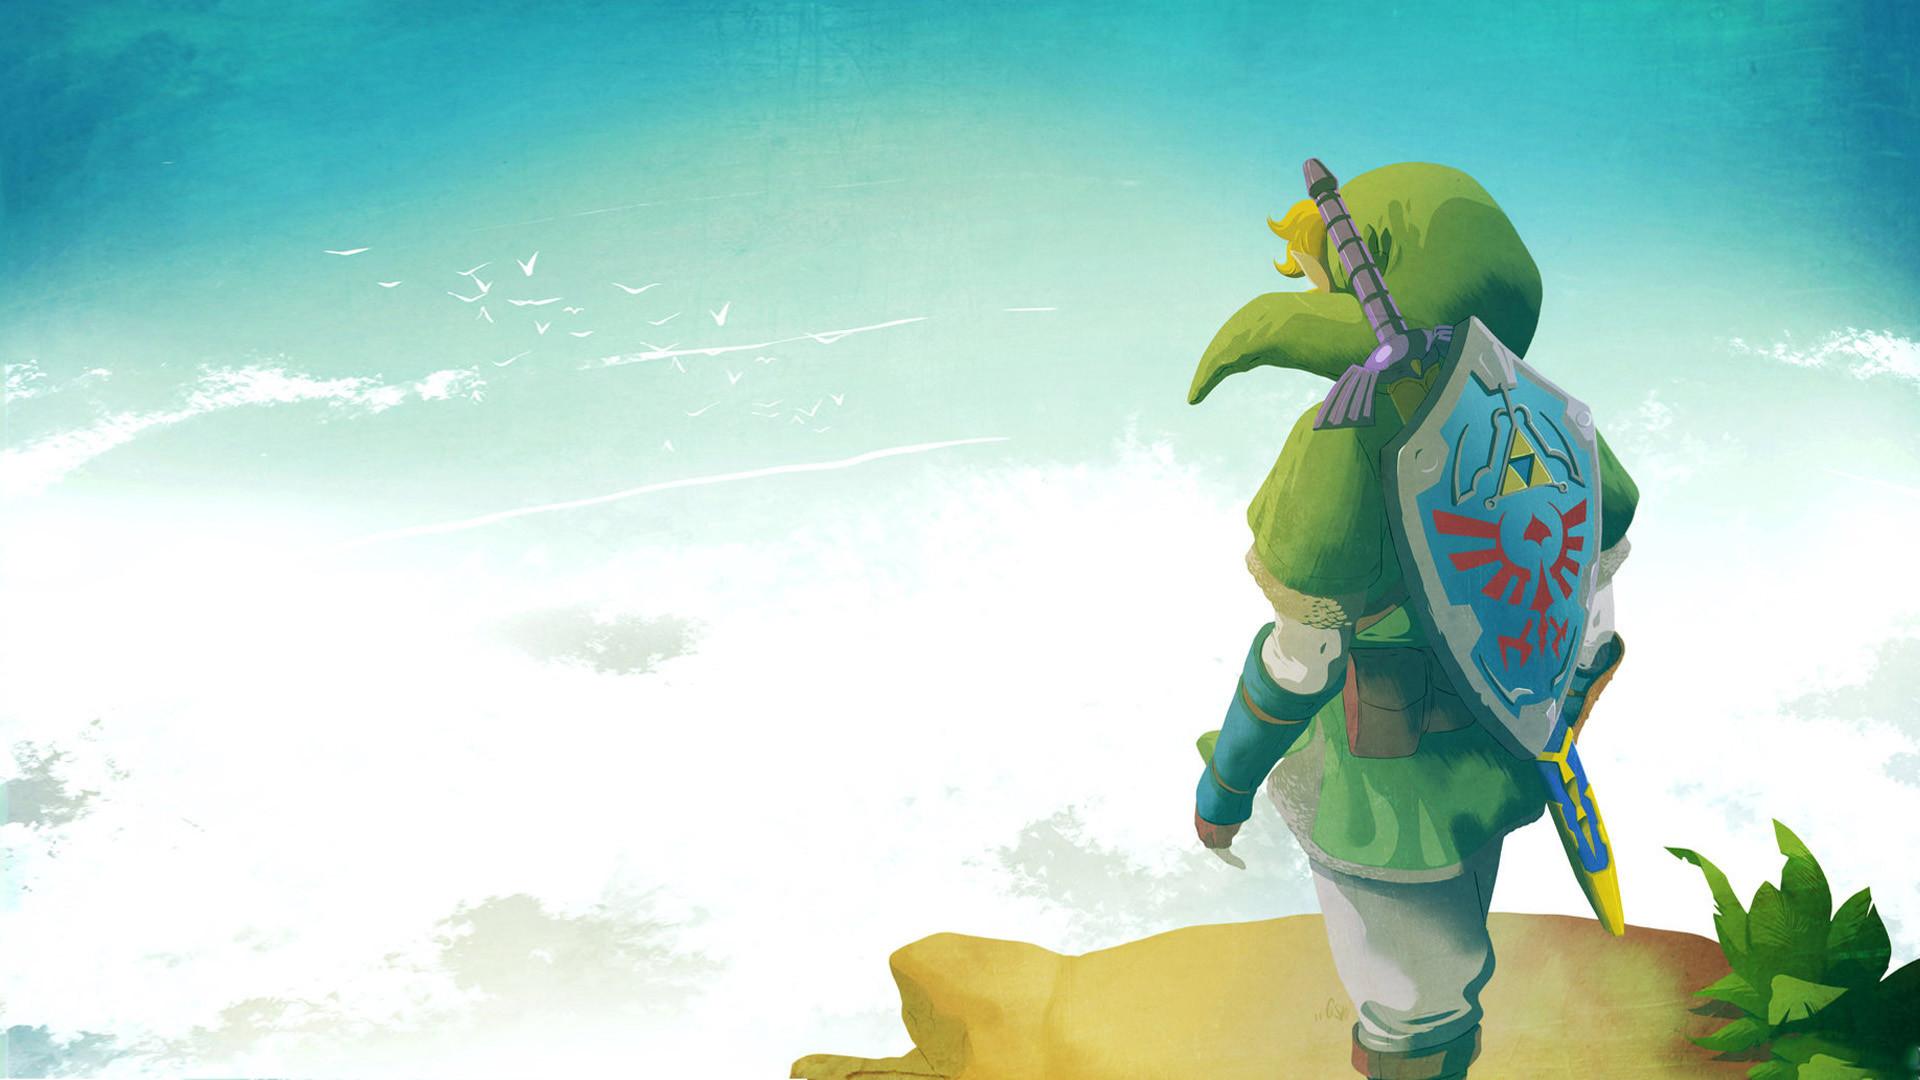 The Legend Of Zelda wallpapers